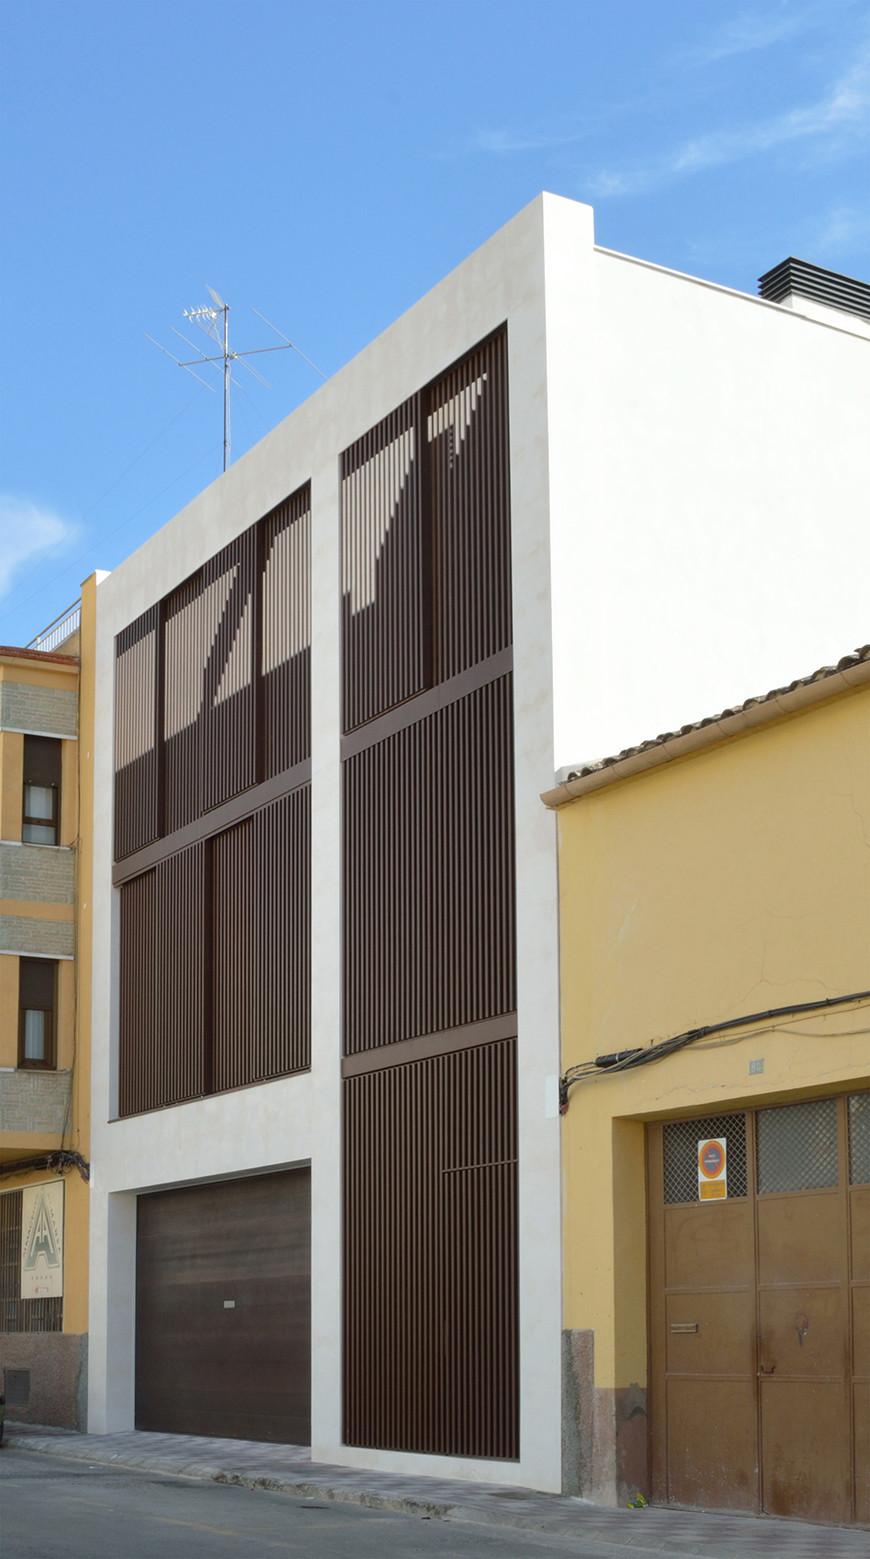 Vivienda unifamiliar en almansa mbvb arquitectos for Plataforma arquitectura